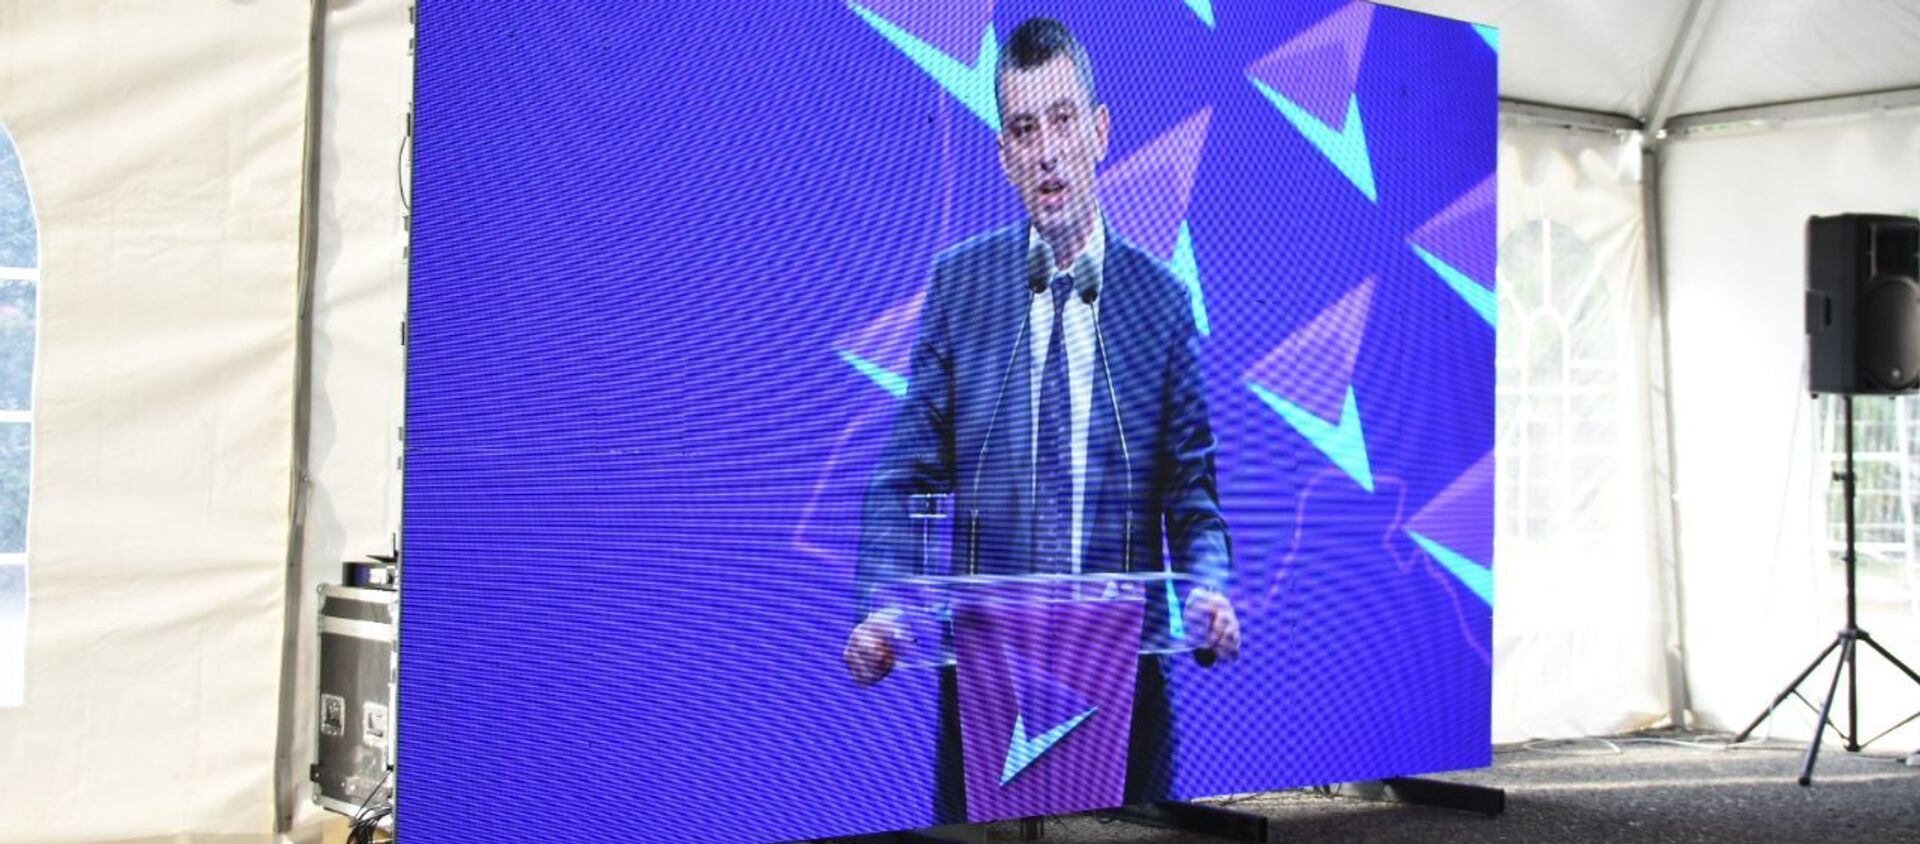 Георгий Гахария выступает на презентации своей партии За Грузию - Sputnik Грузия, 1920, 29.05.2021